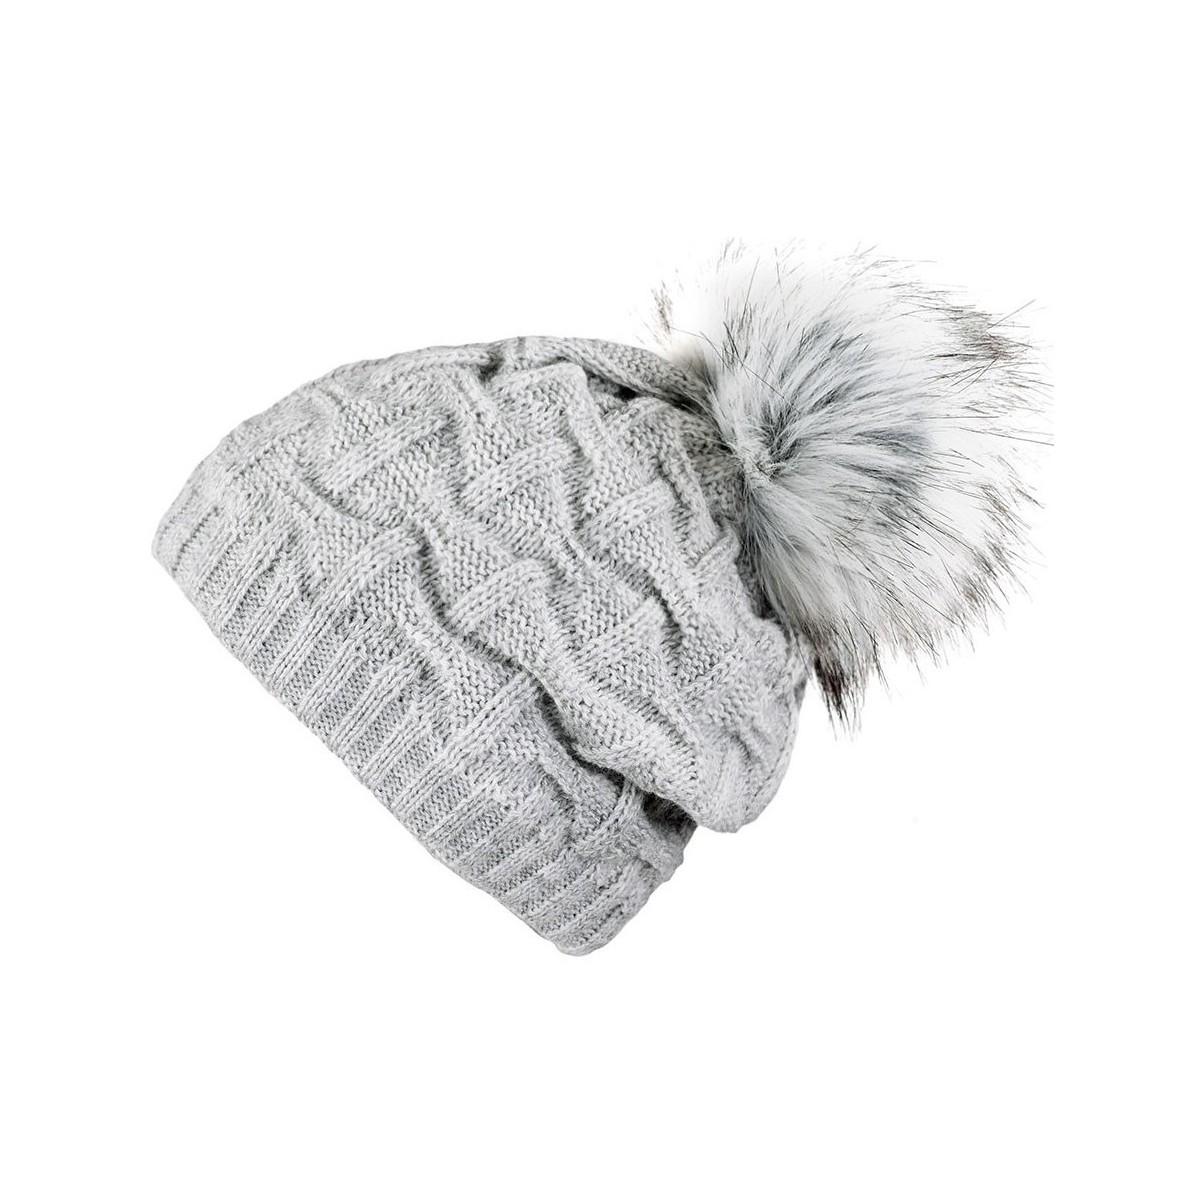 Www Arthur Bonnet Com Accessoires snood et bonnet nora - couleur - gris